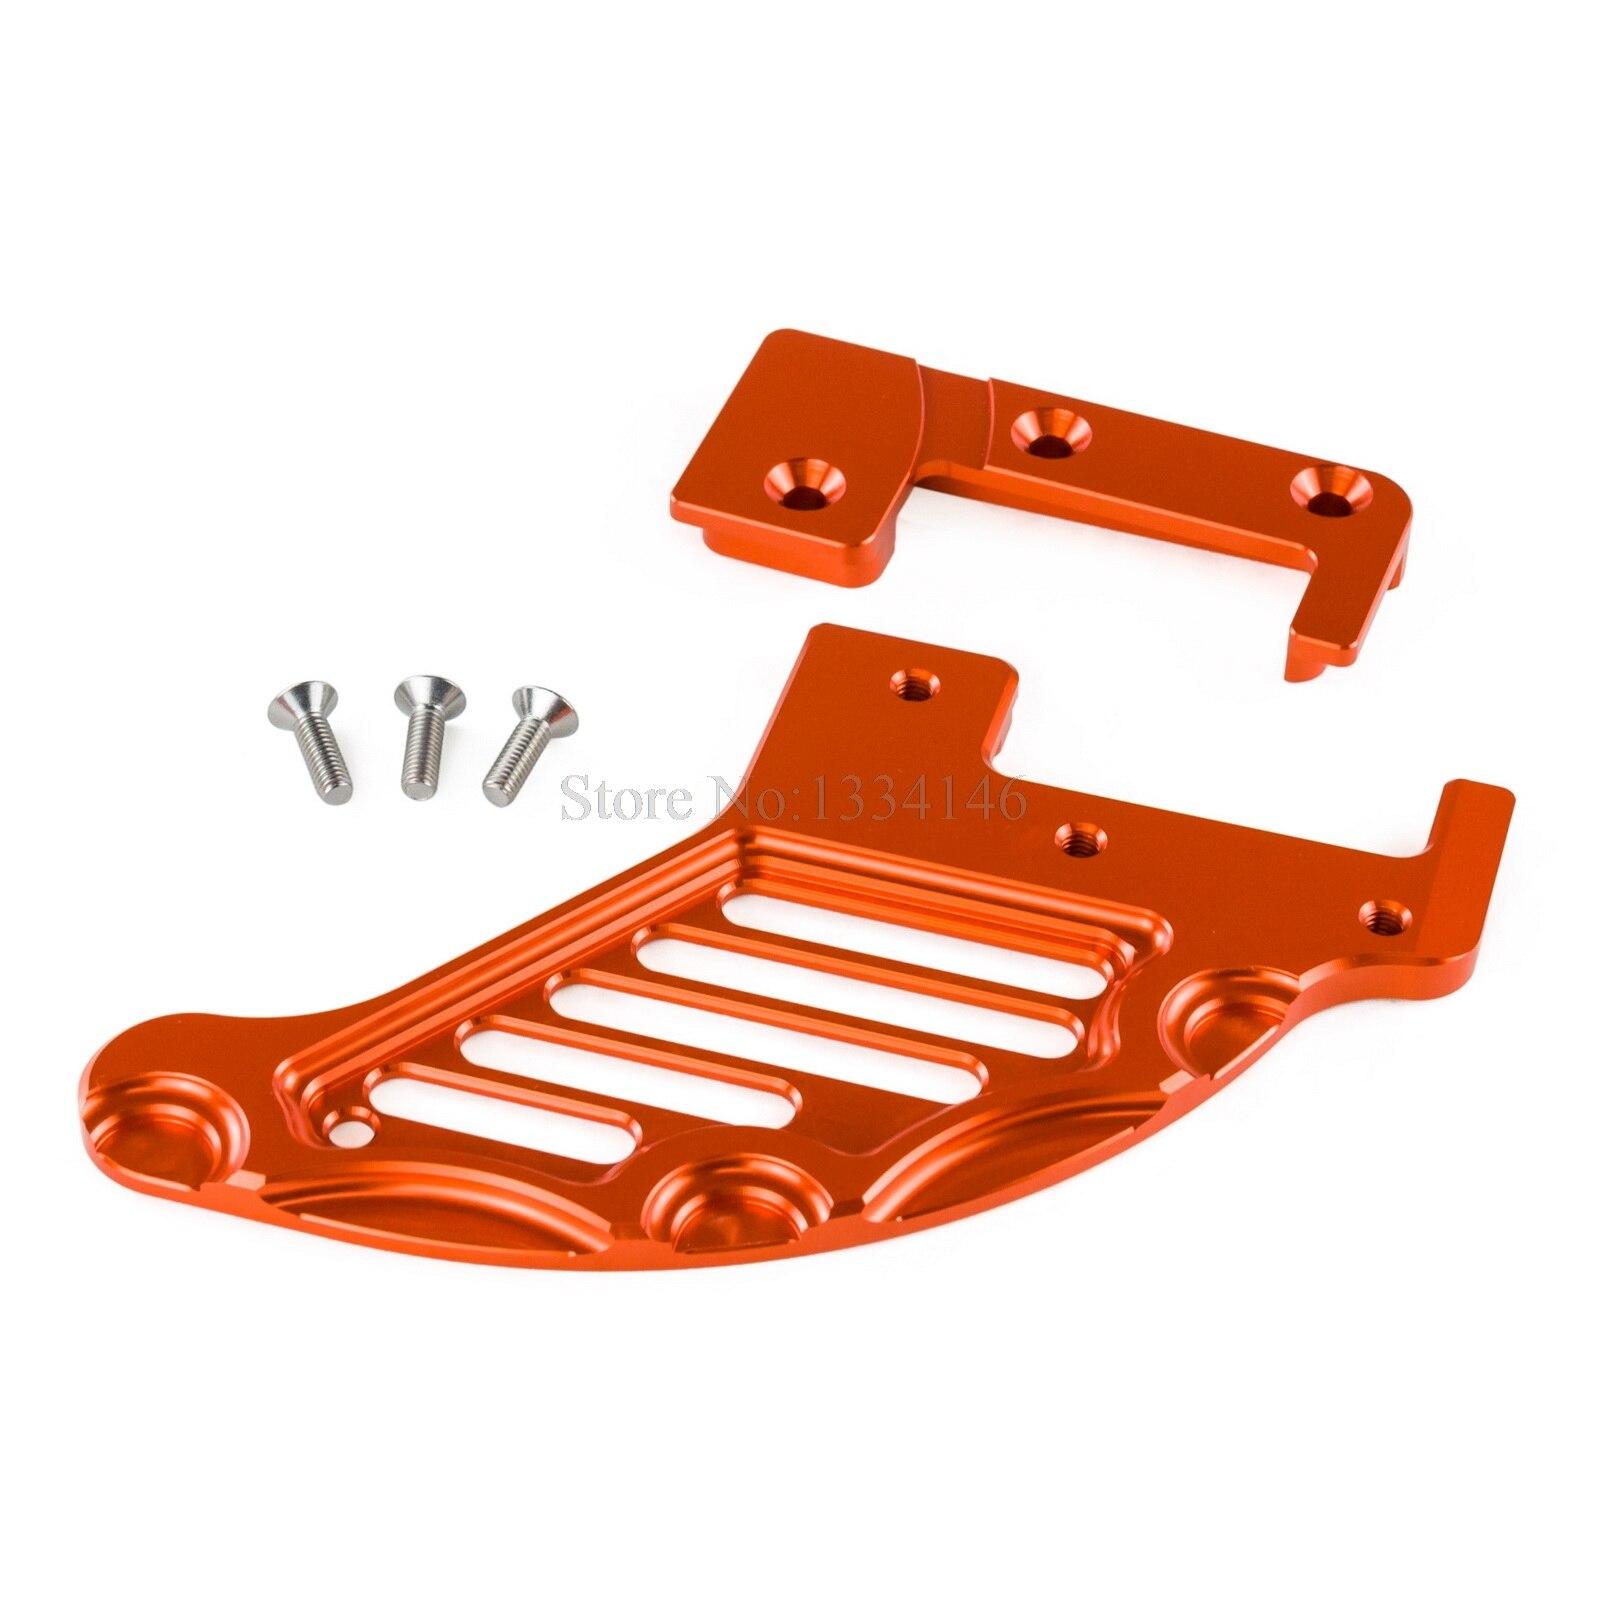 NICECNC Rear Brake Disc Guard For KTM 125 150 200 250 300 350 400 450 500 505 530 560 625 XC XC-W XC-F XCF-W EXC EXCF SX SXS SXF billet axle blocks chain adjuster for ktm 125 150 200 250 300 350 400 450 500 505 525 530 exc exc f xc w xcw xcf w 2000 2015